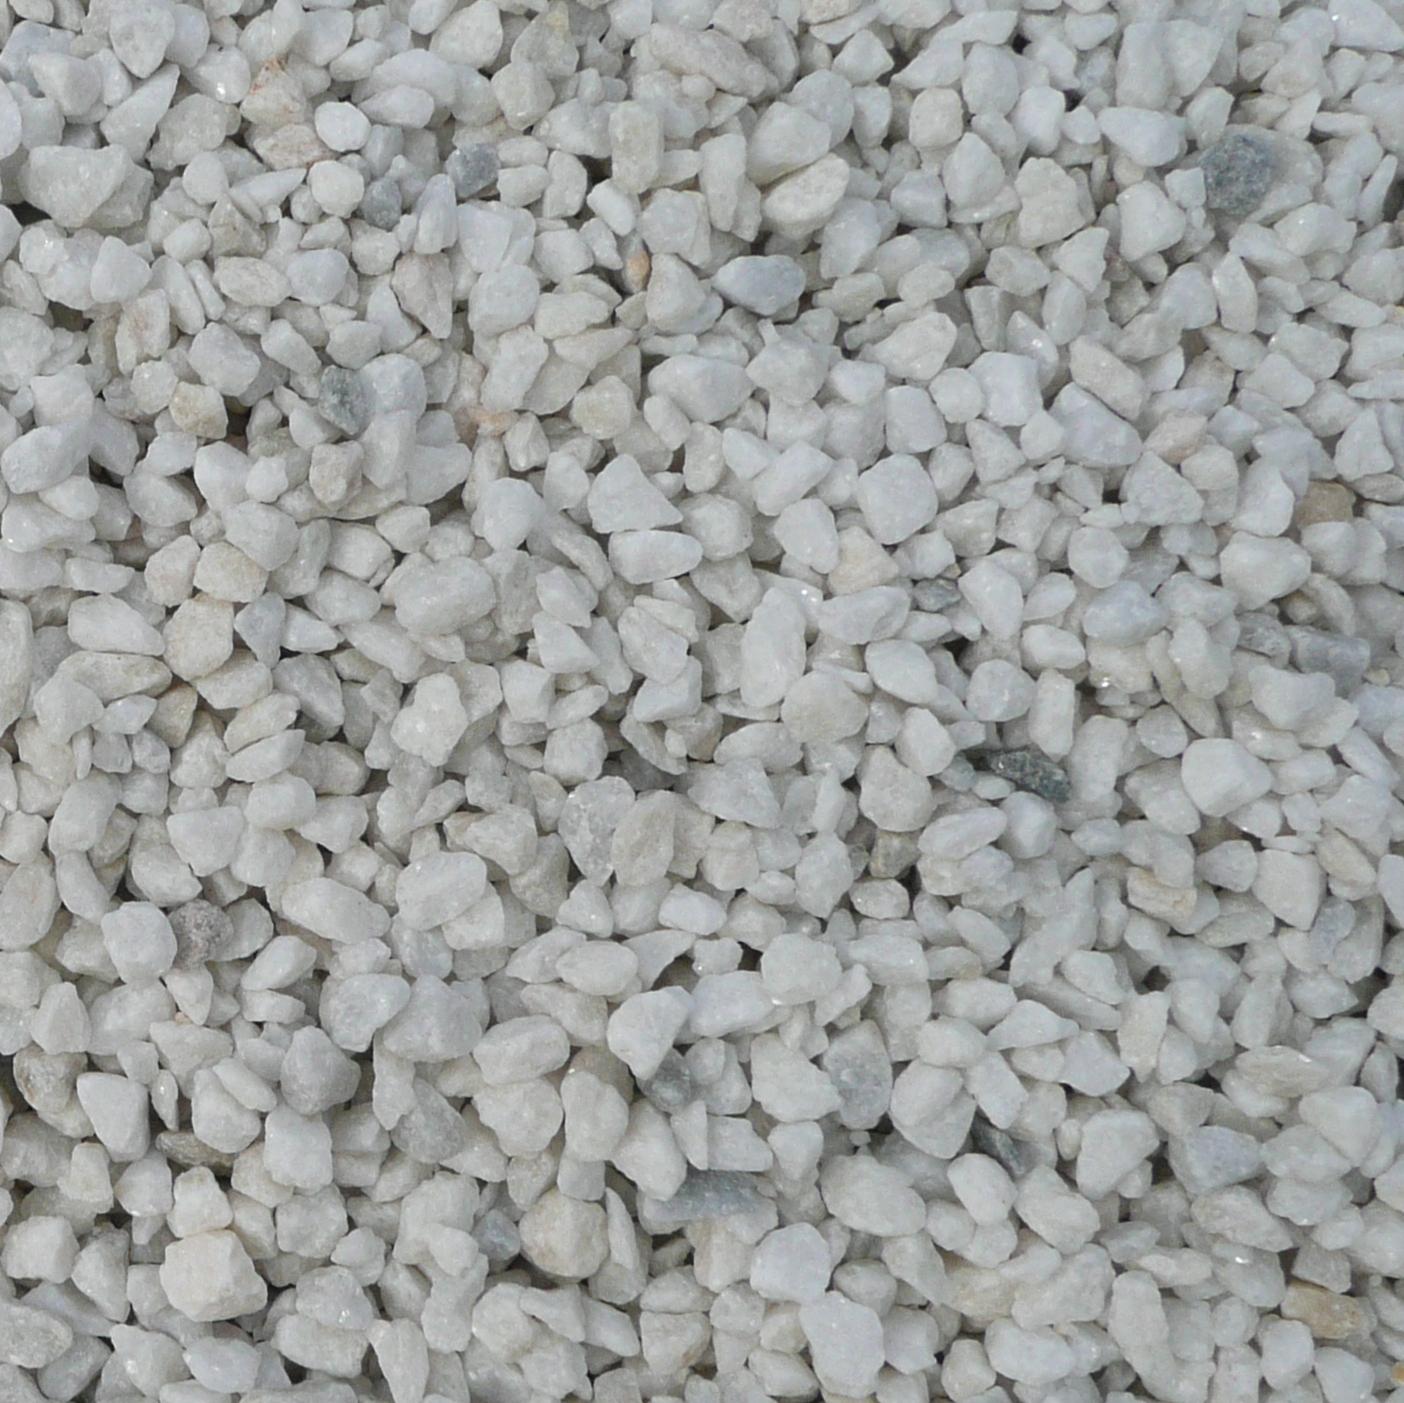 10mm Polar White Buy Gravels Granites Online Polar White Gravel 10mm Bulk Bag Supplier